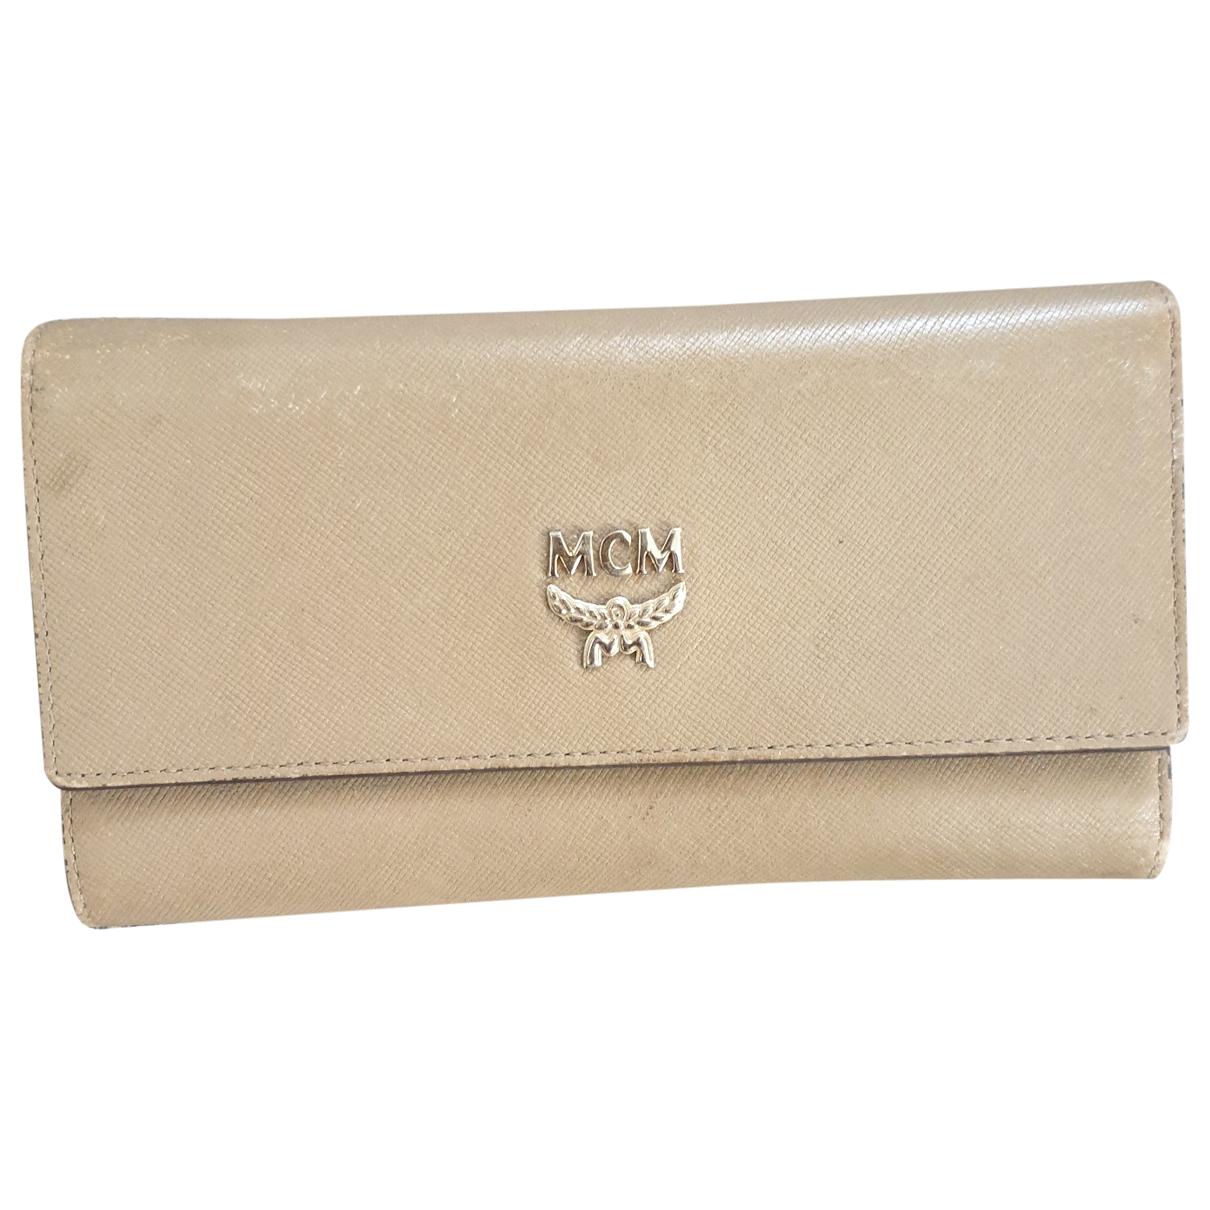 Mcm - Portefeuille   pour femme en cuir - beige